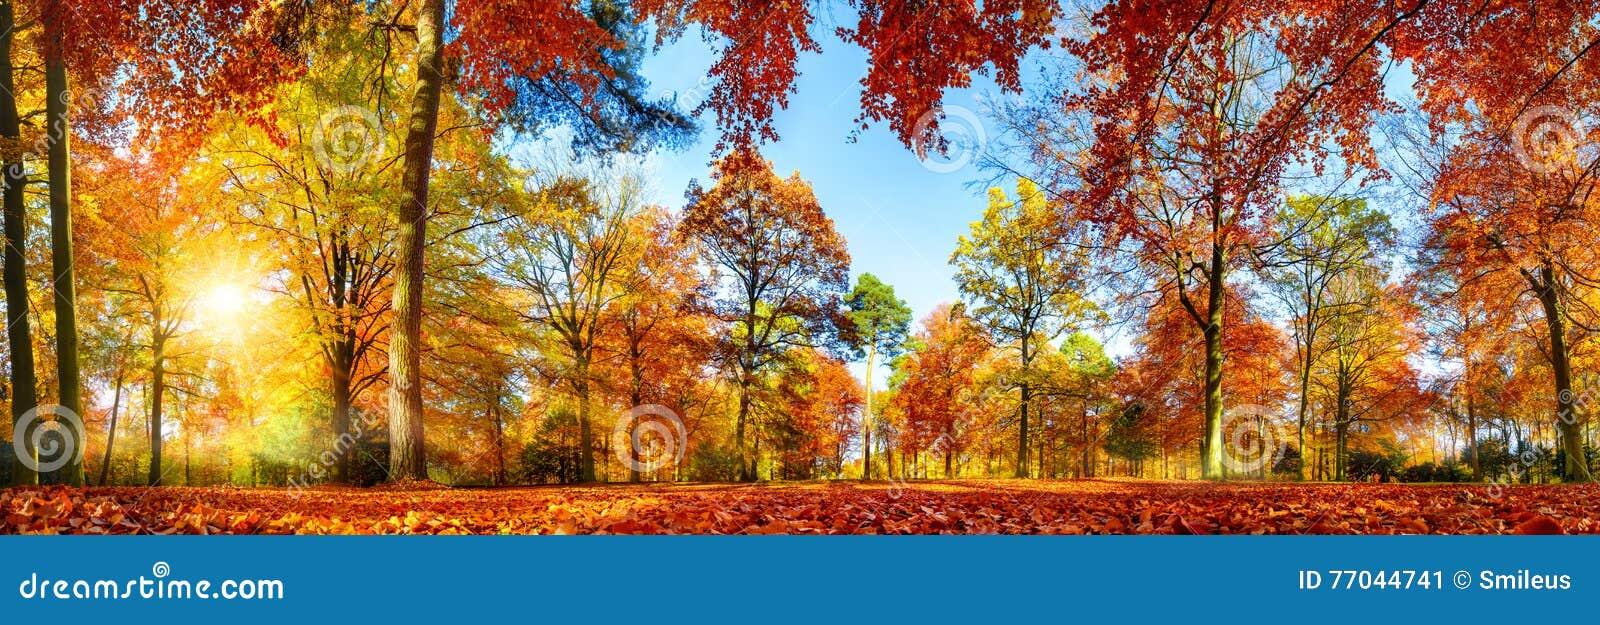 Panorama colorido del bosque en otoño